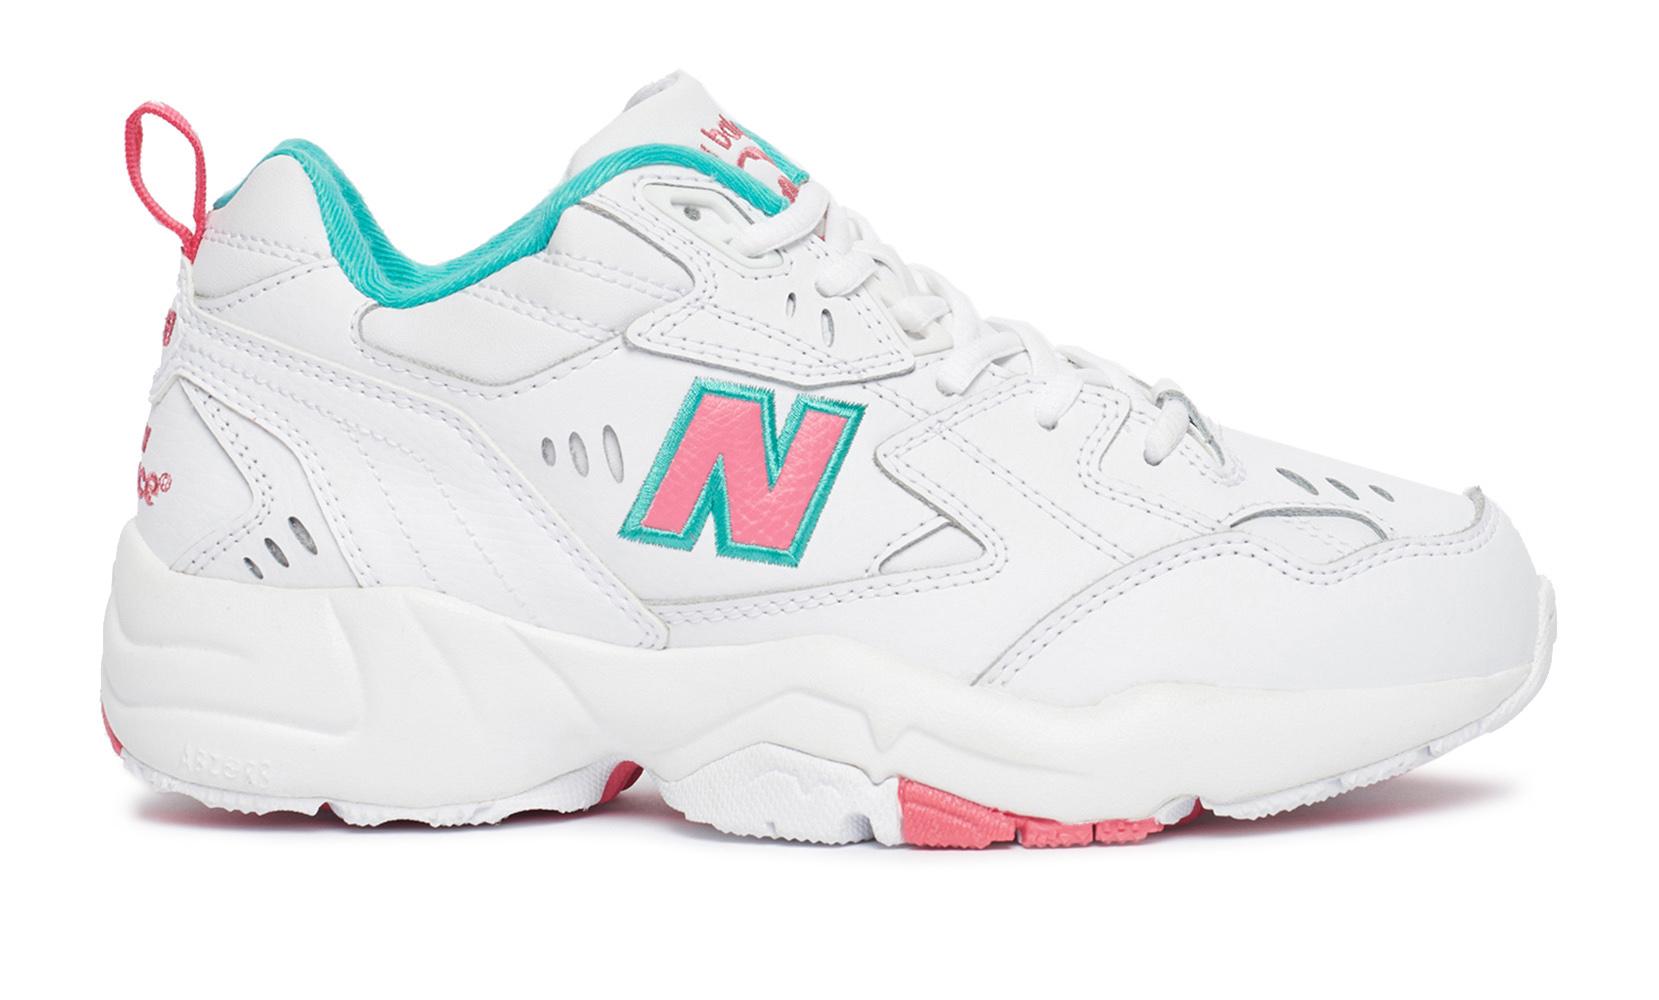 Жіноче взуття повсякденне New Balance 608v1 WX608WT1 | New Balance